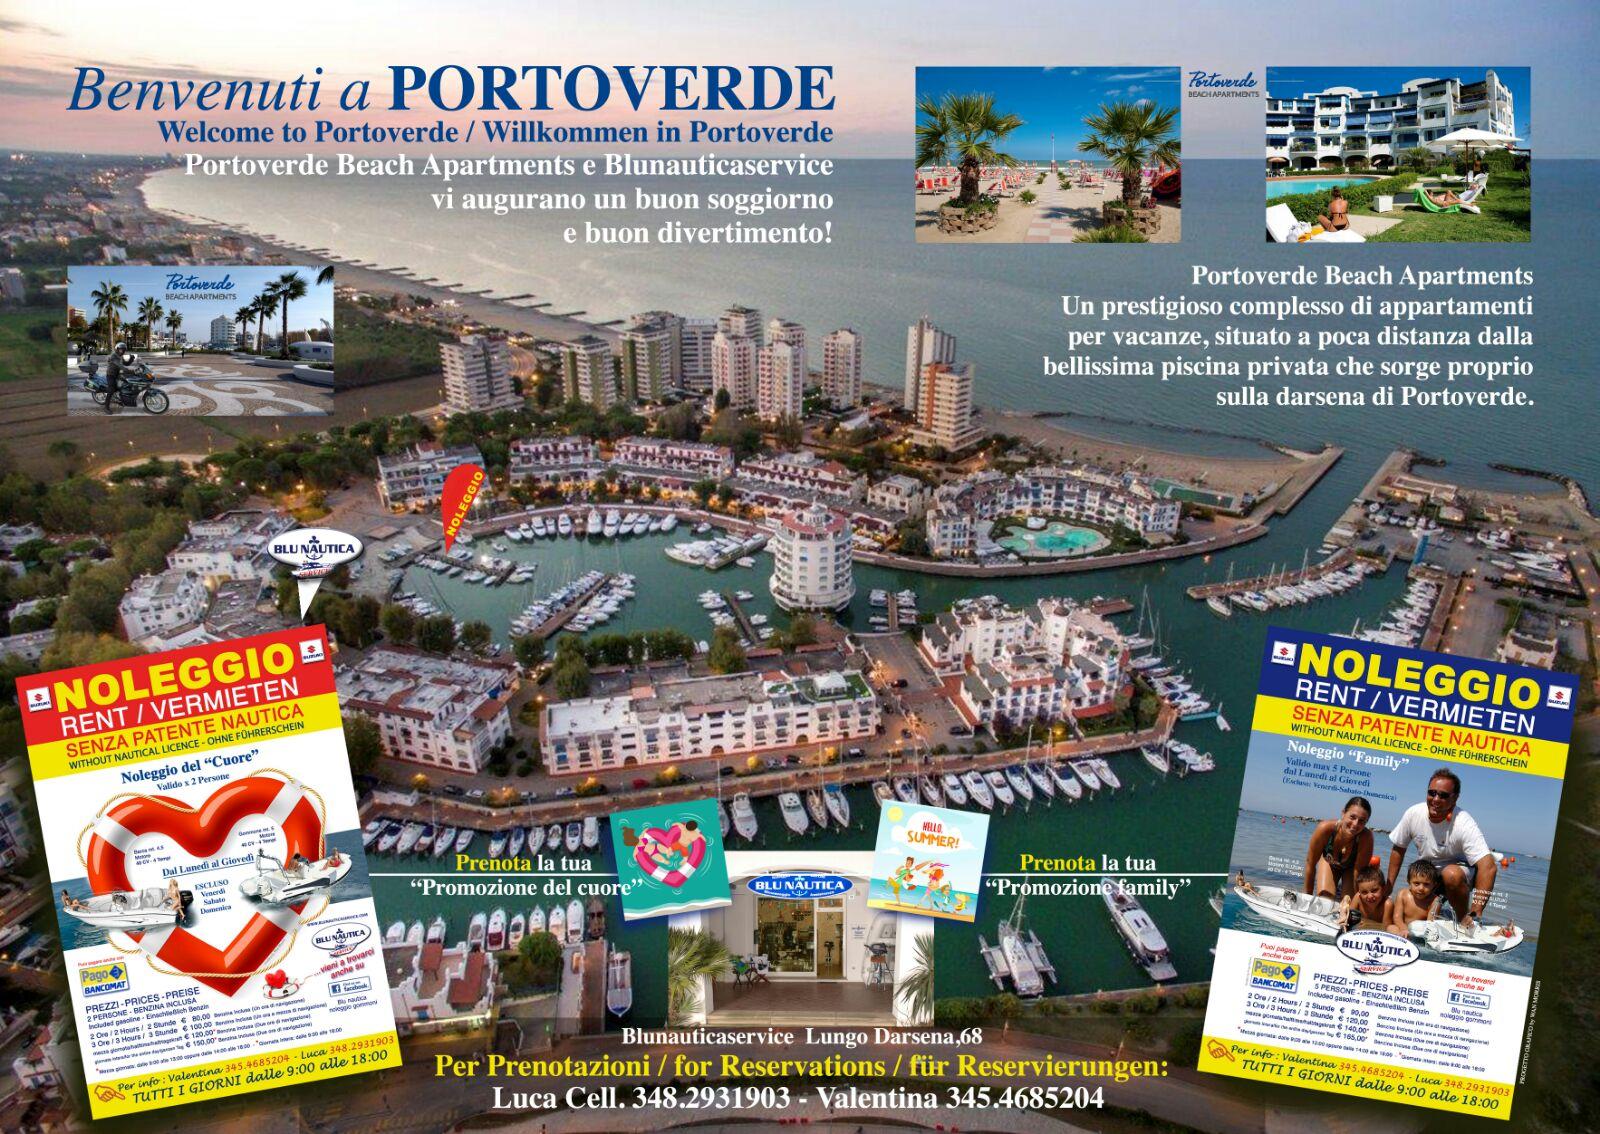 Benvenuti a Portoverde con Blunautica noleggio gommoni